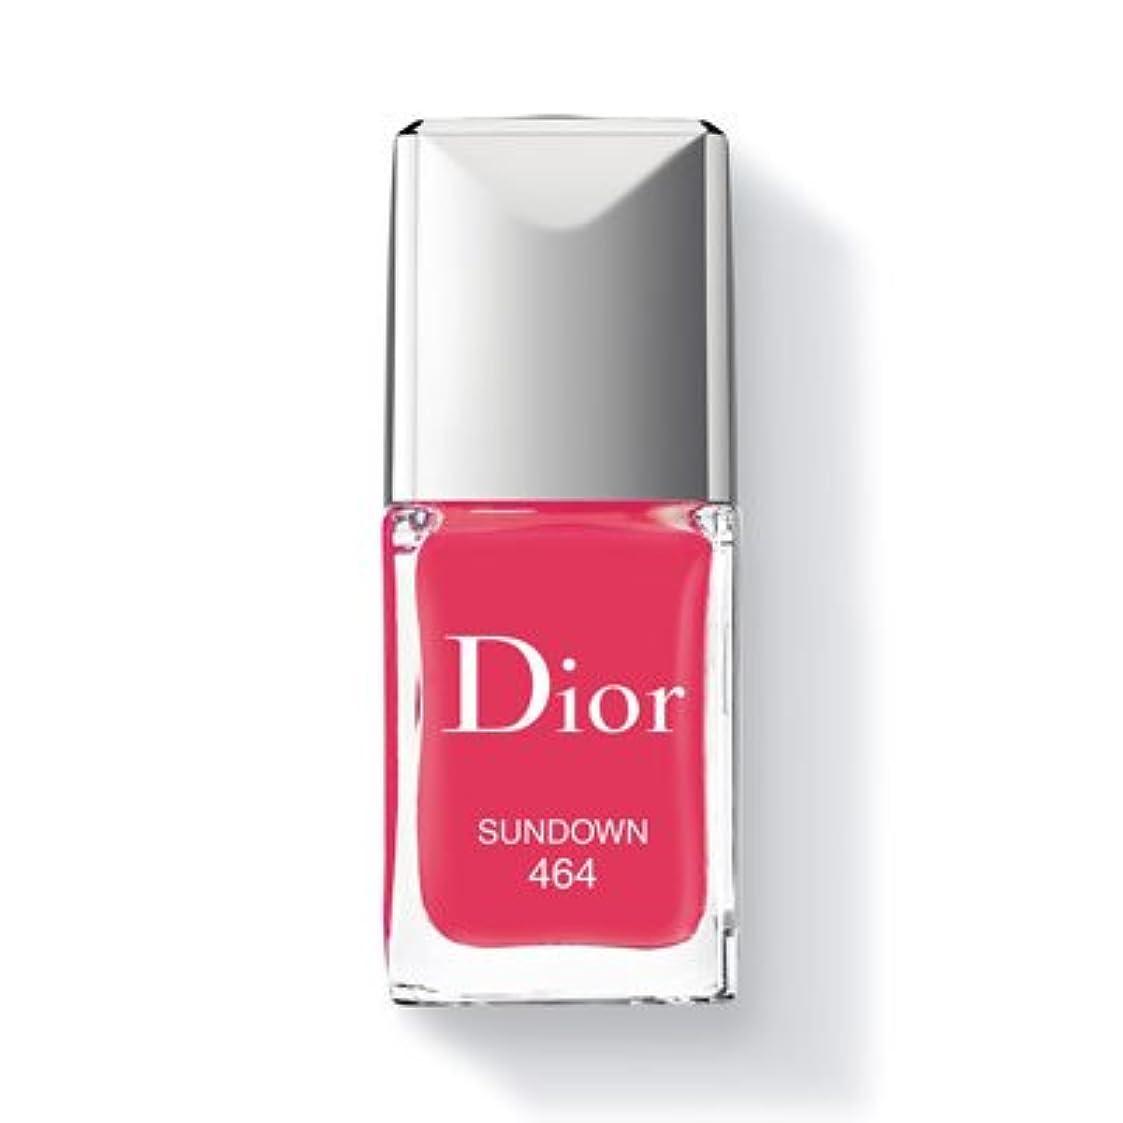 二週間勝利カリキュラムChristian Dior クリスチャン ディオール ディオール ヴェルニ #464 SUNDOWN 10ml [並行輸入品]